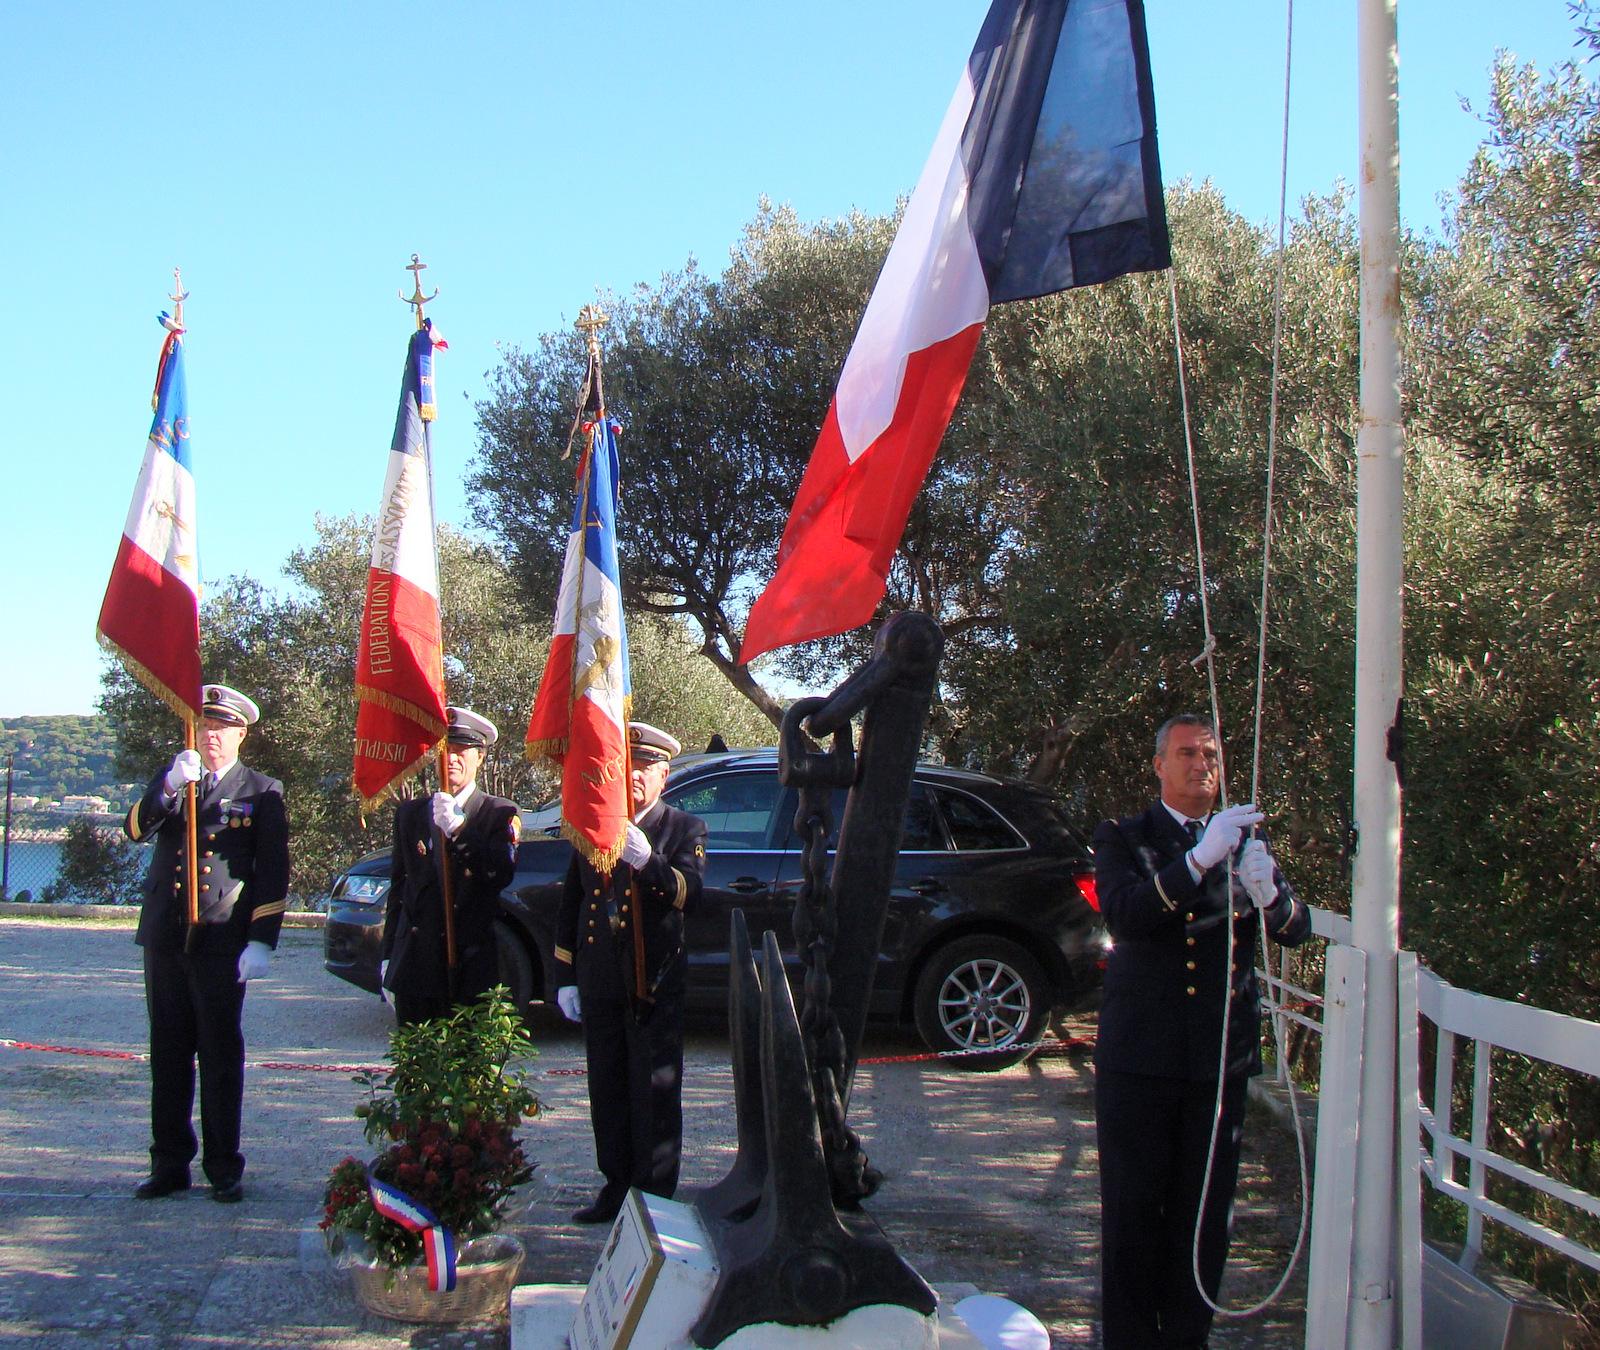 [ Associations anciens Marins ] A.G.A.S.M. Nice Côte d'Azur sect. SM Pégase - Page 6 949732DSC04703